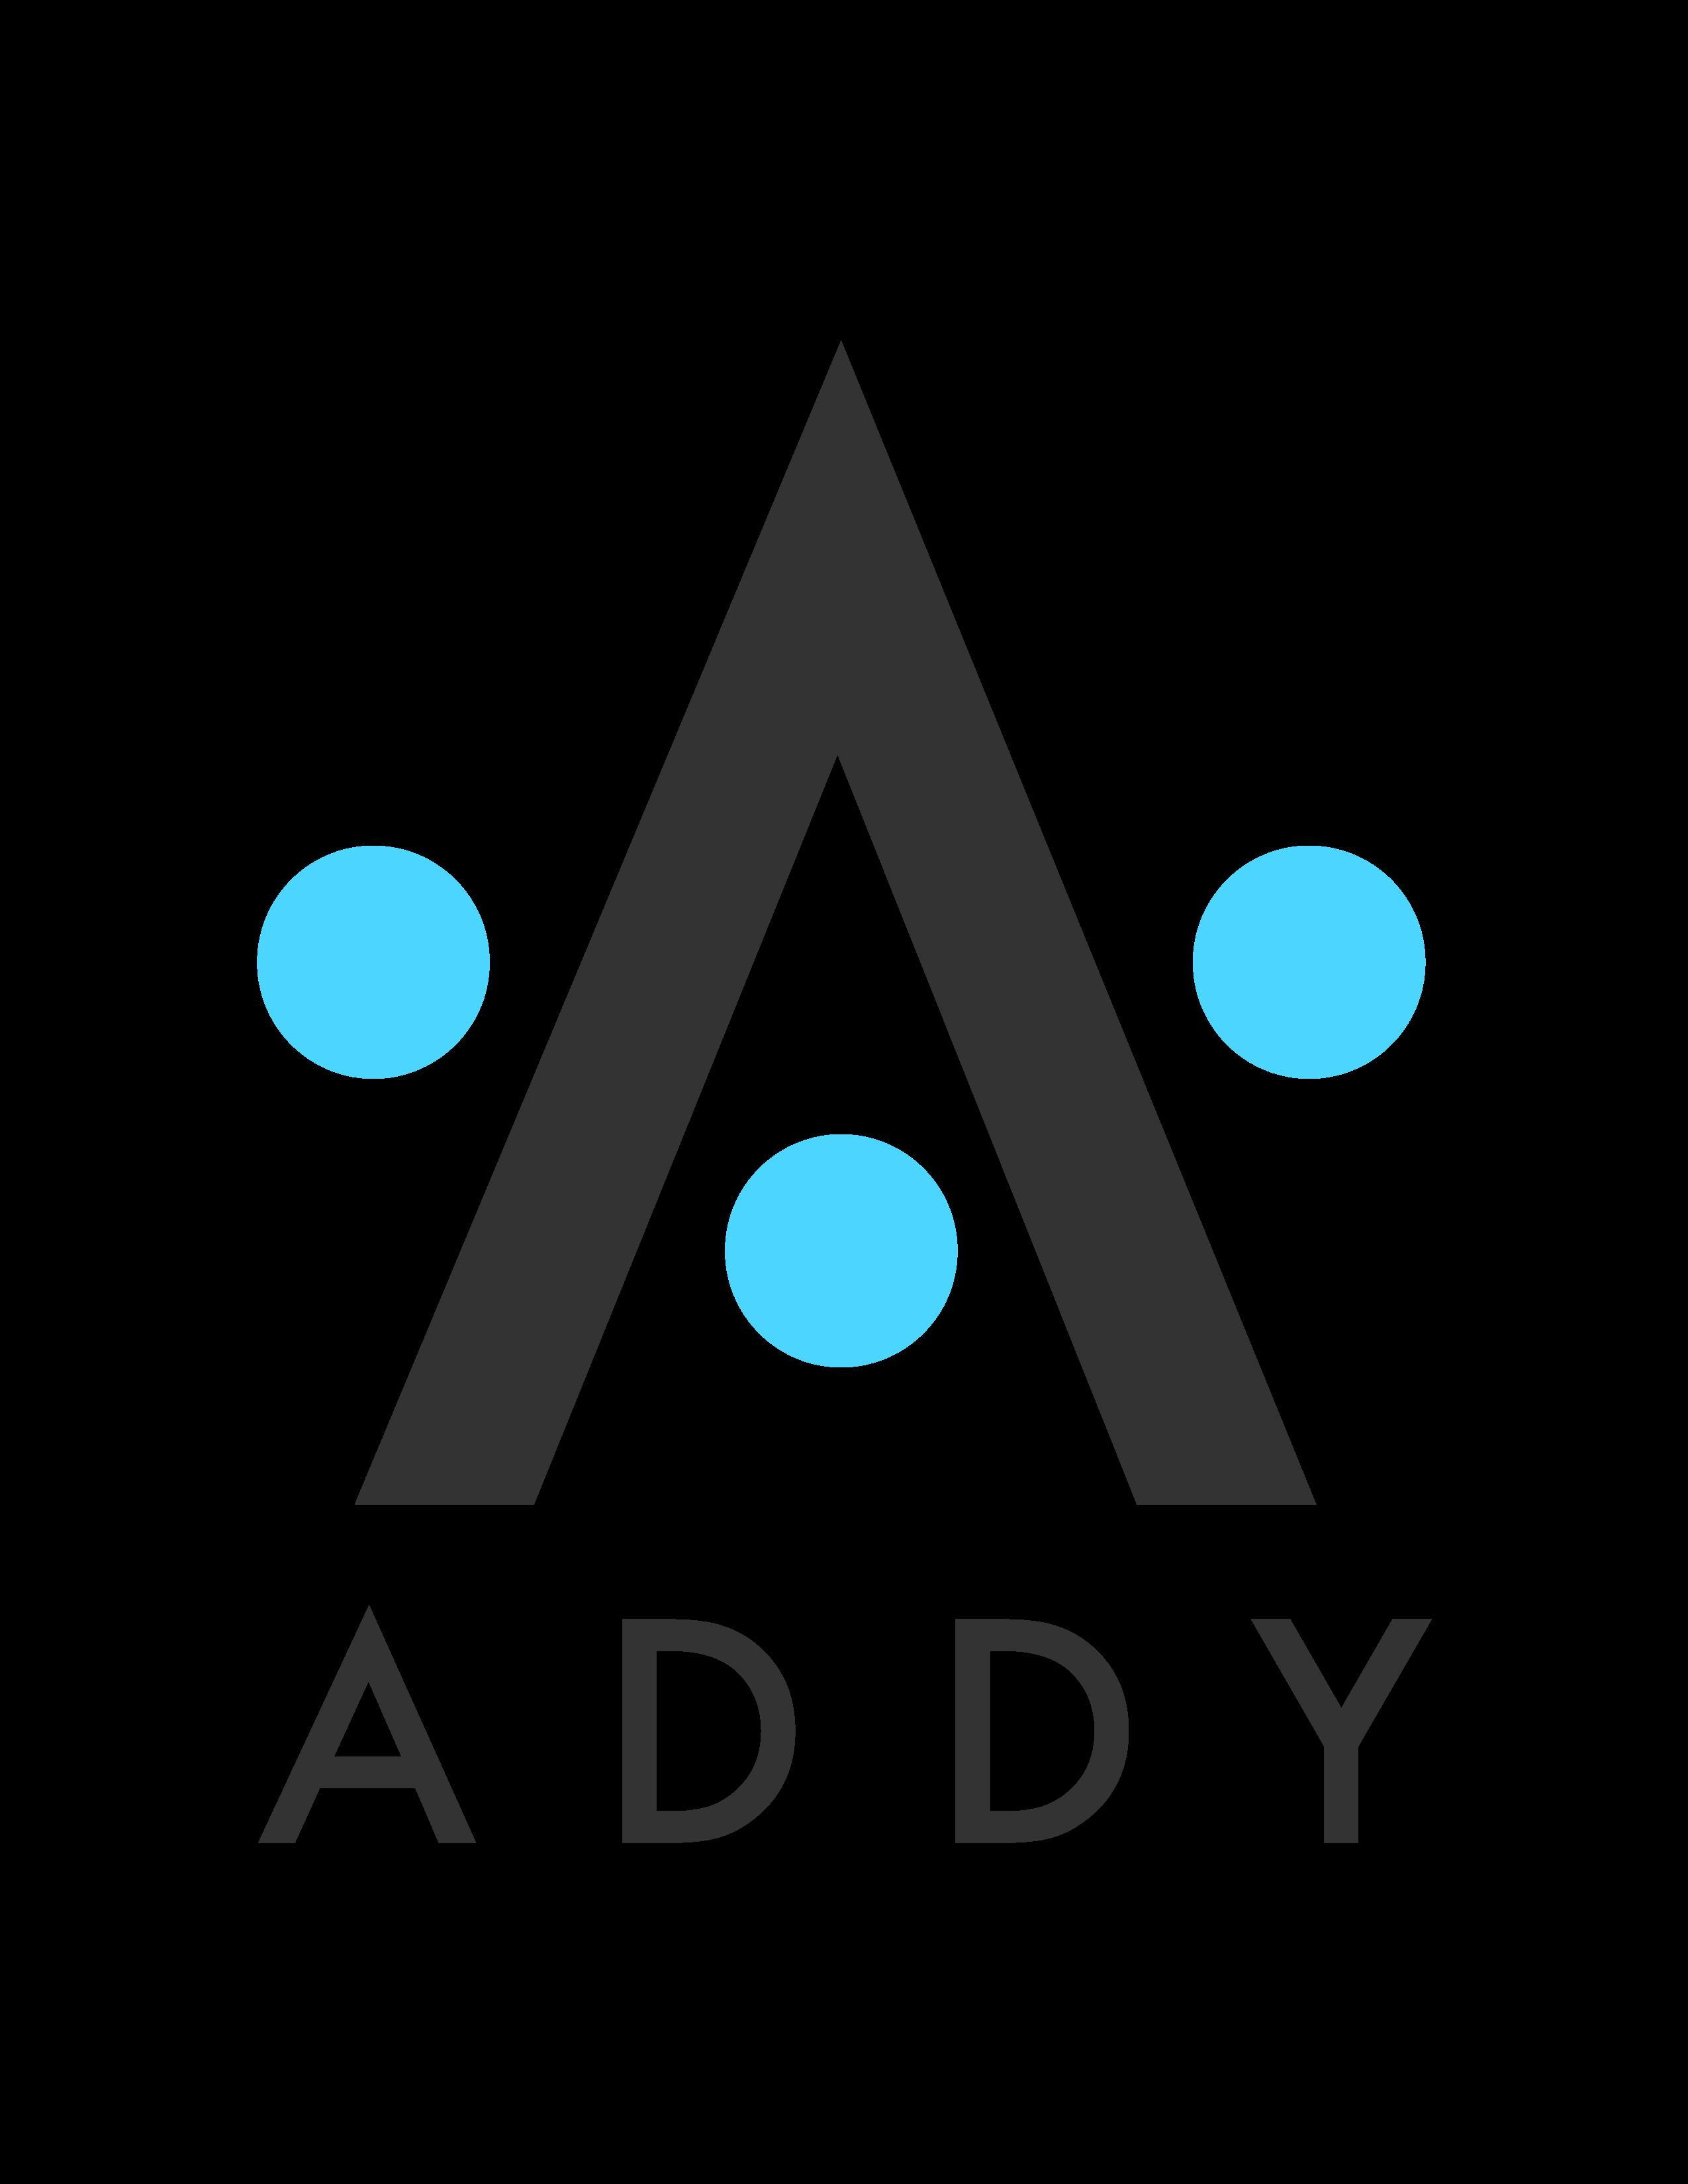 ADDY.media